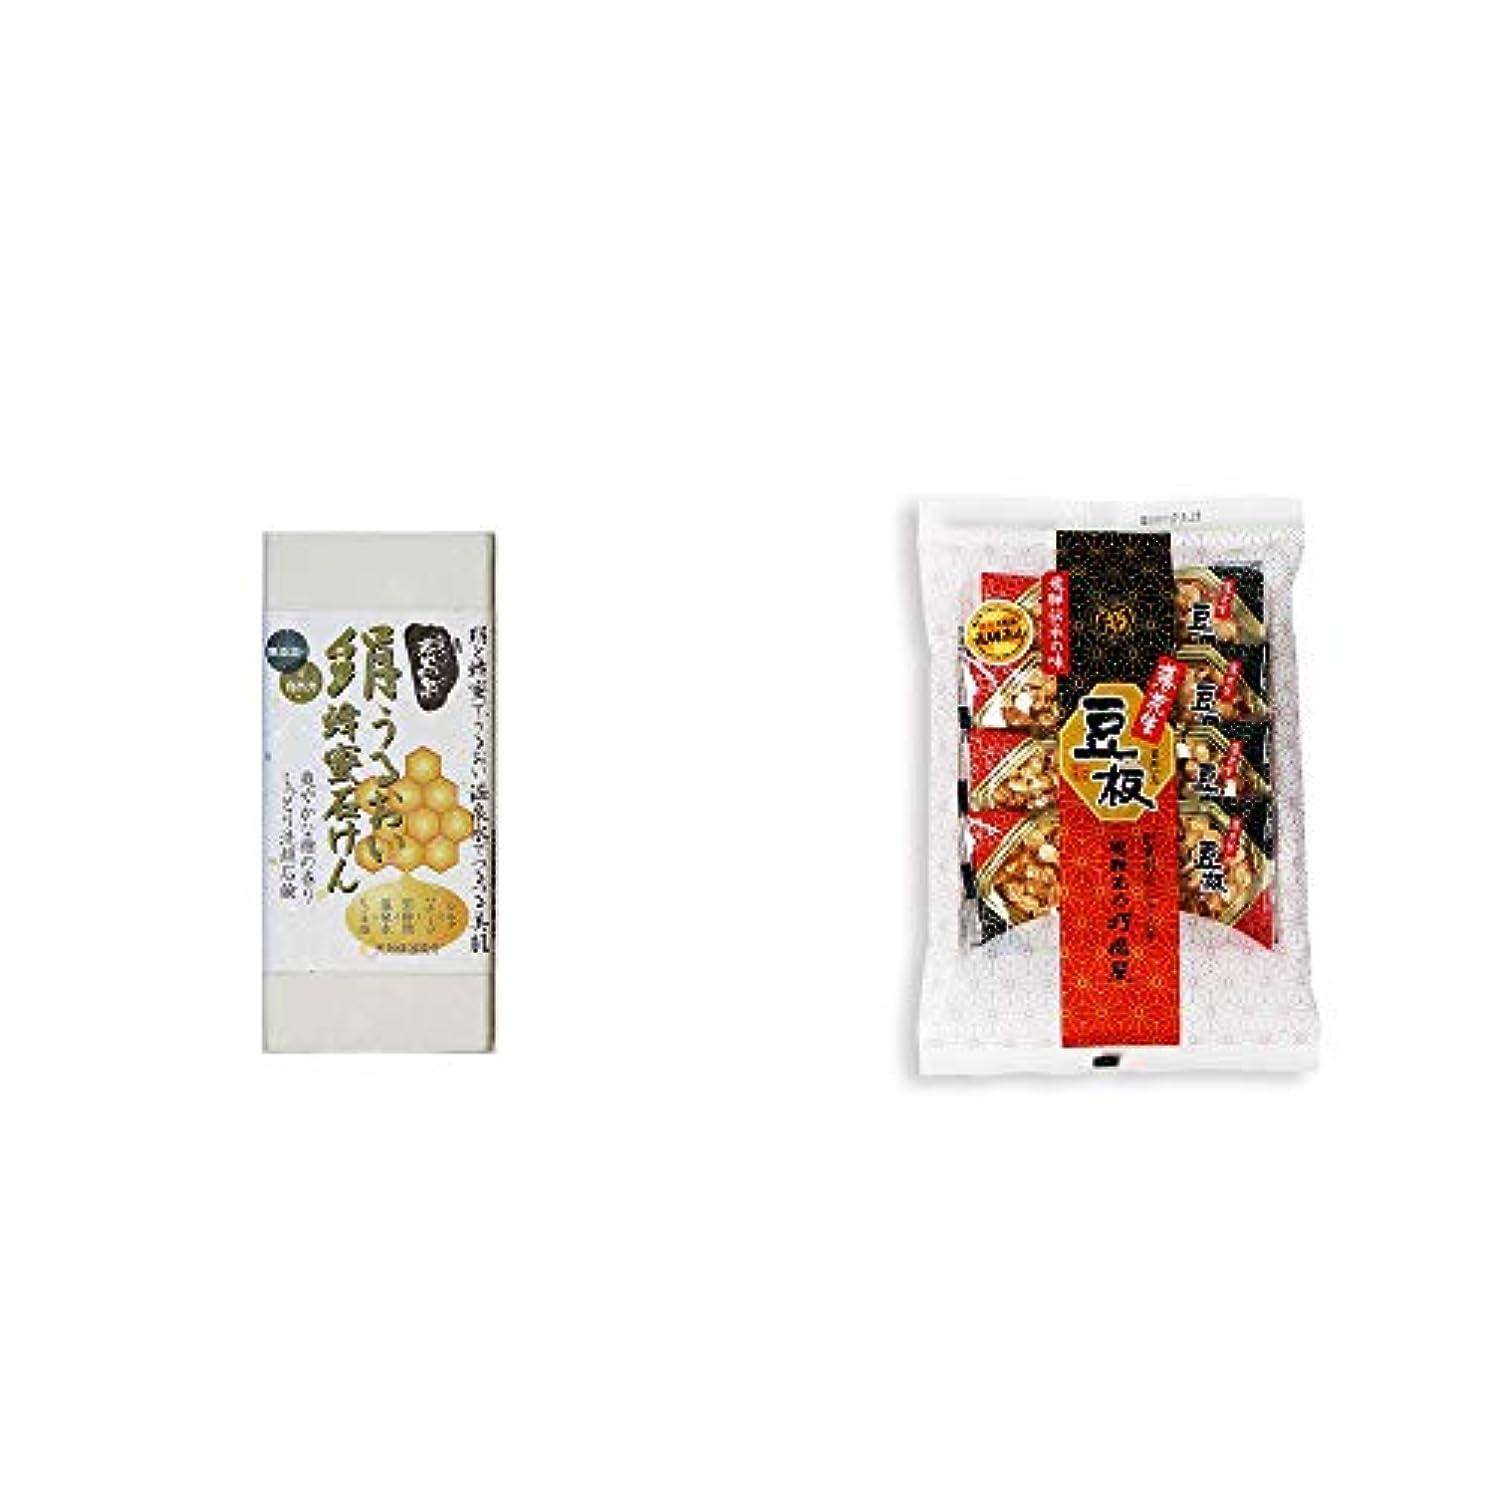 ぎこちないスクラップ災難[2点セット] ひのき炭黒泉 絹うるおい蜂蜜石けん(75g×2)?飛騨銘菓「打保屋」の駄菓子 豆板(8枚入)